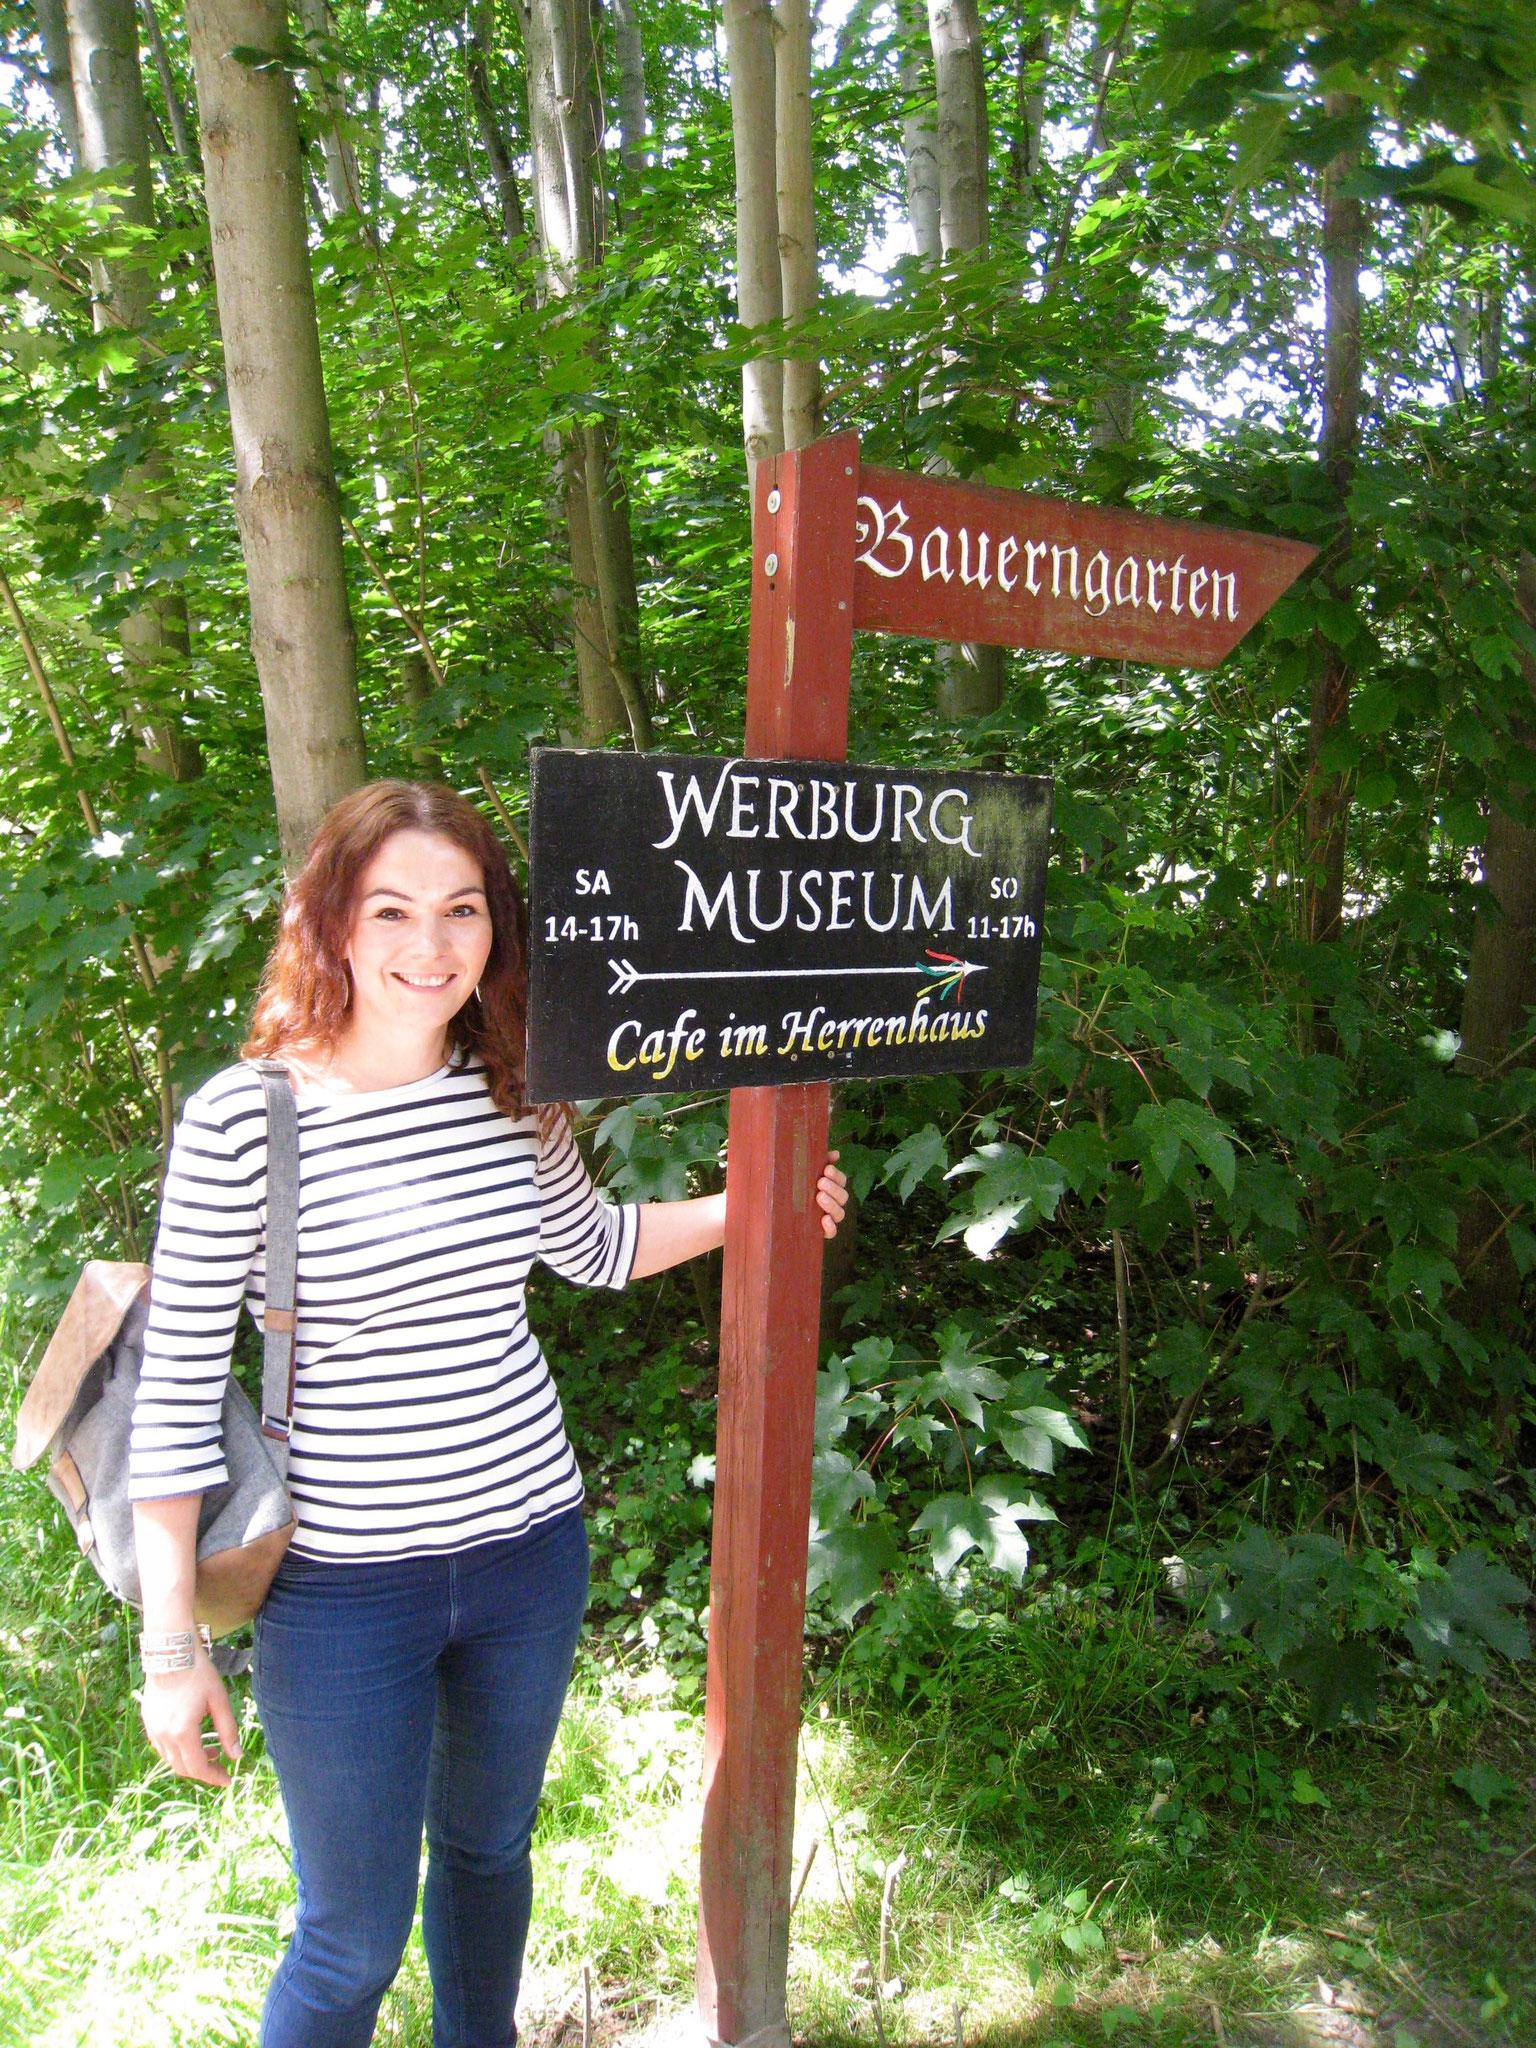 Hinweisschilder: Zum Werburg Museum